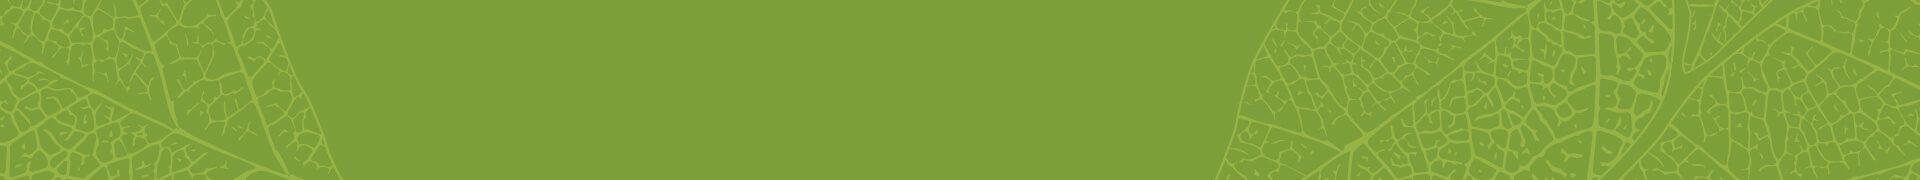 bg_green_01